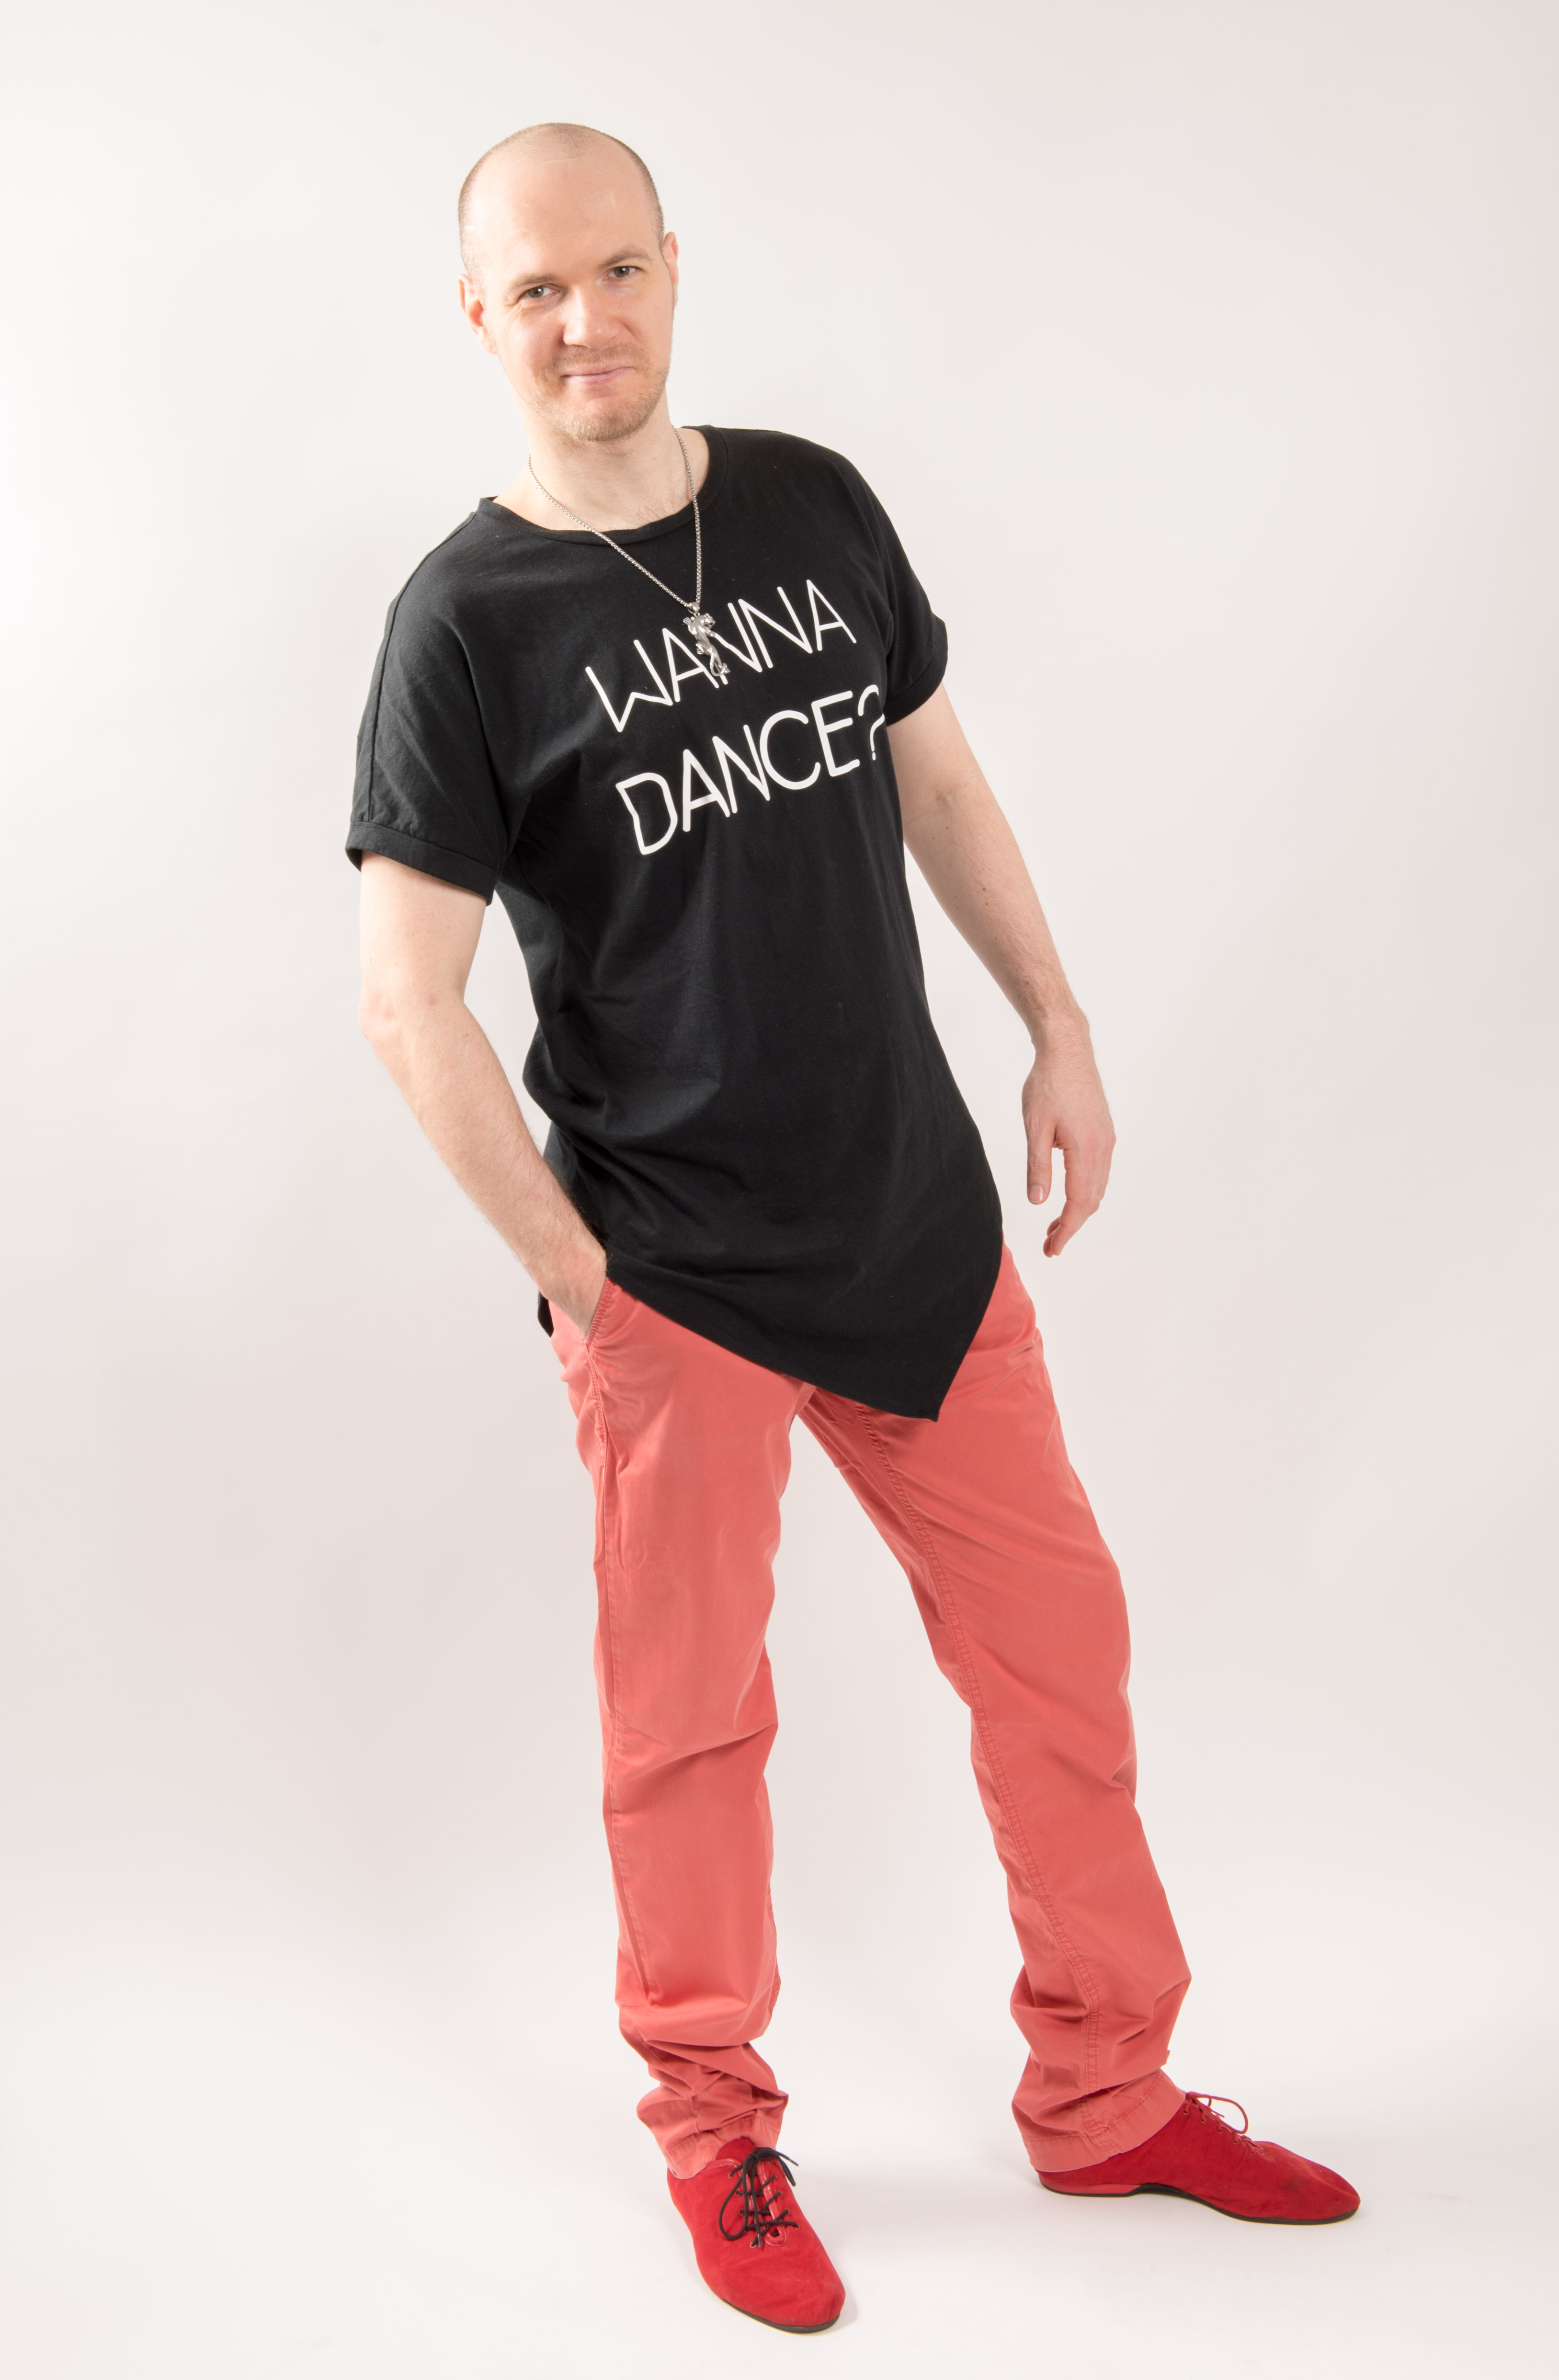 Manni, der Besitzer und Tanzlehrer von der Tanzschule LaLASalsa